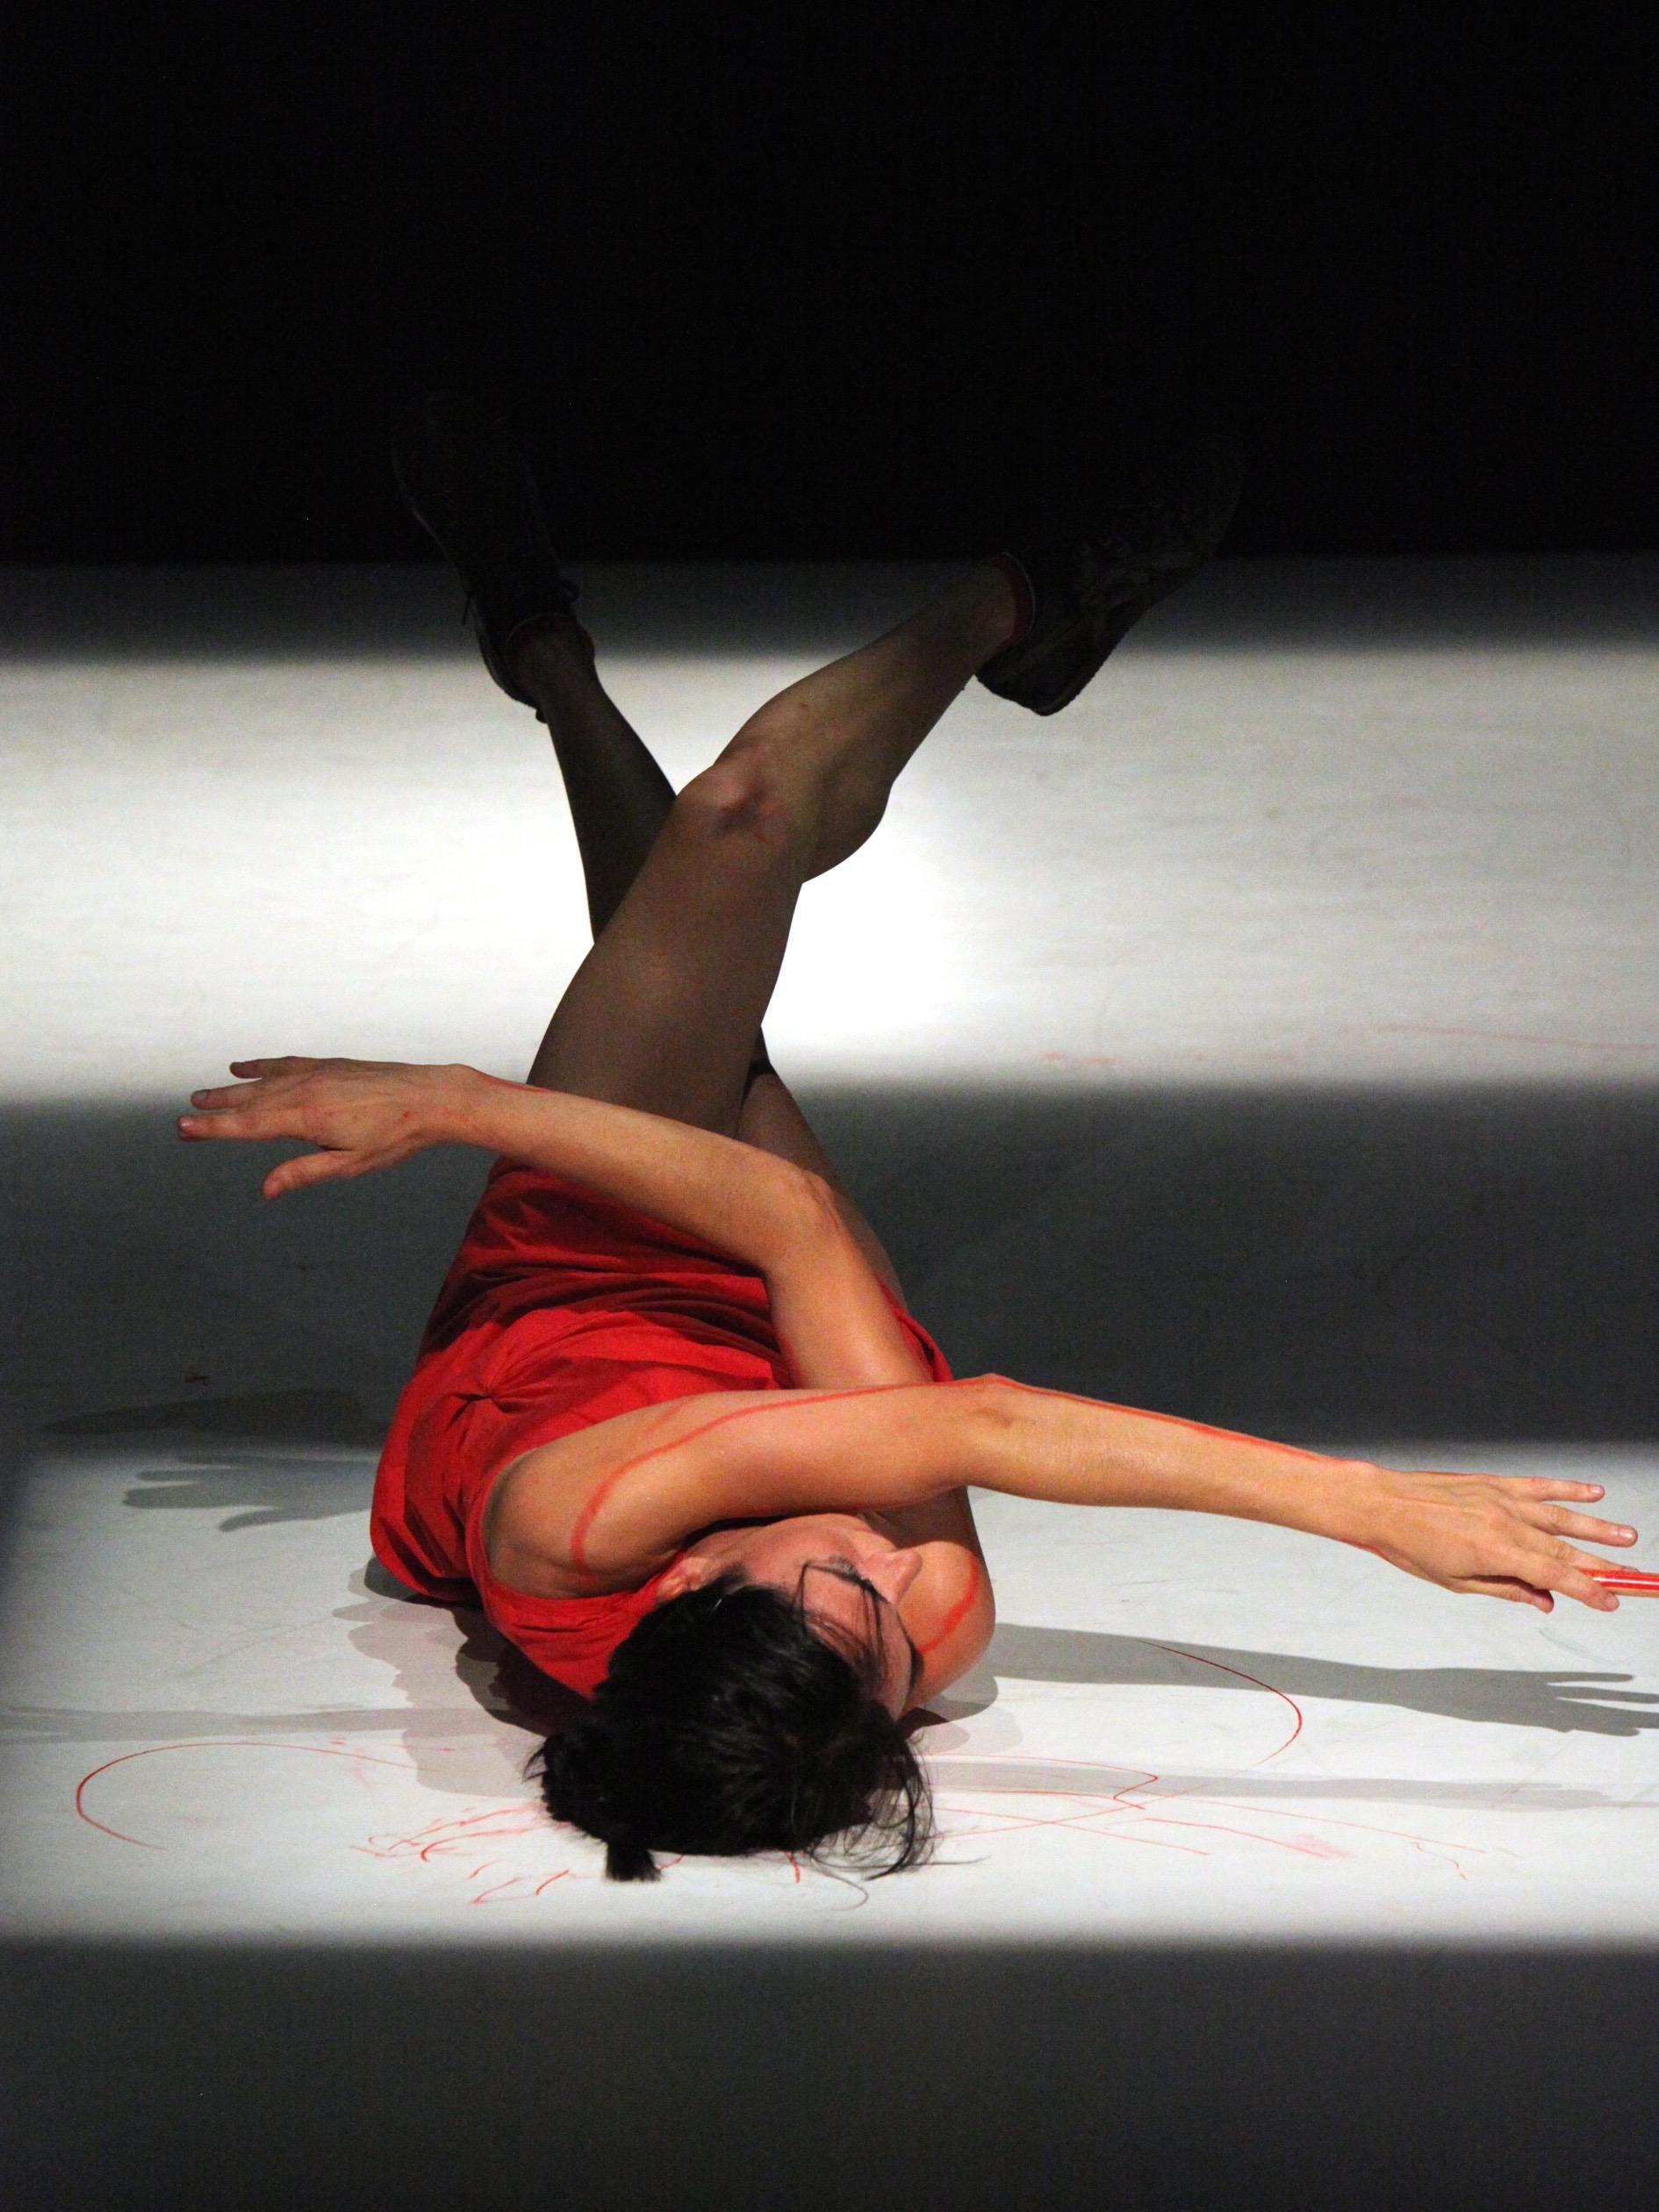 Ursula Kaufman